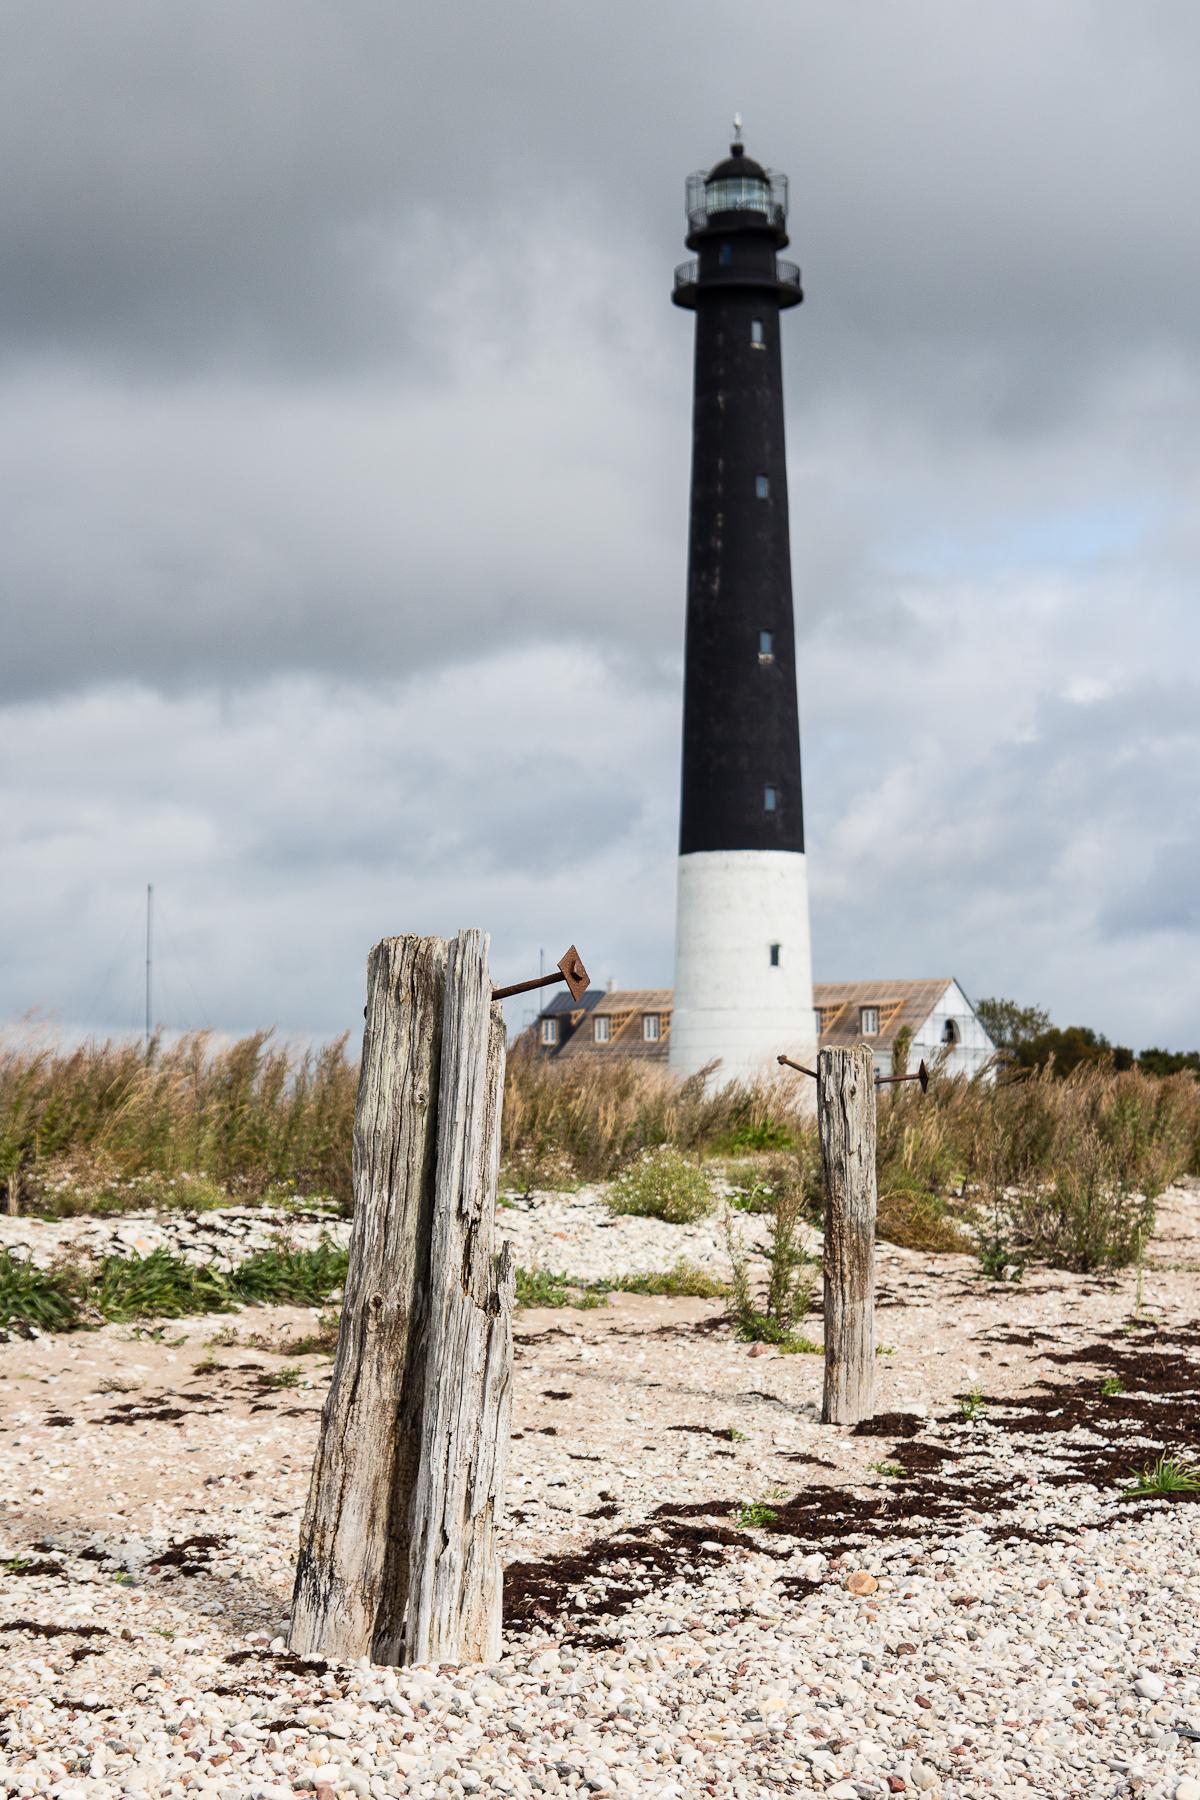 Saare Lighthouse Via @Atisgailis